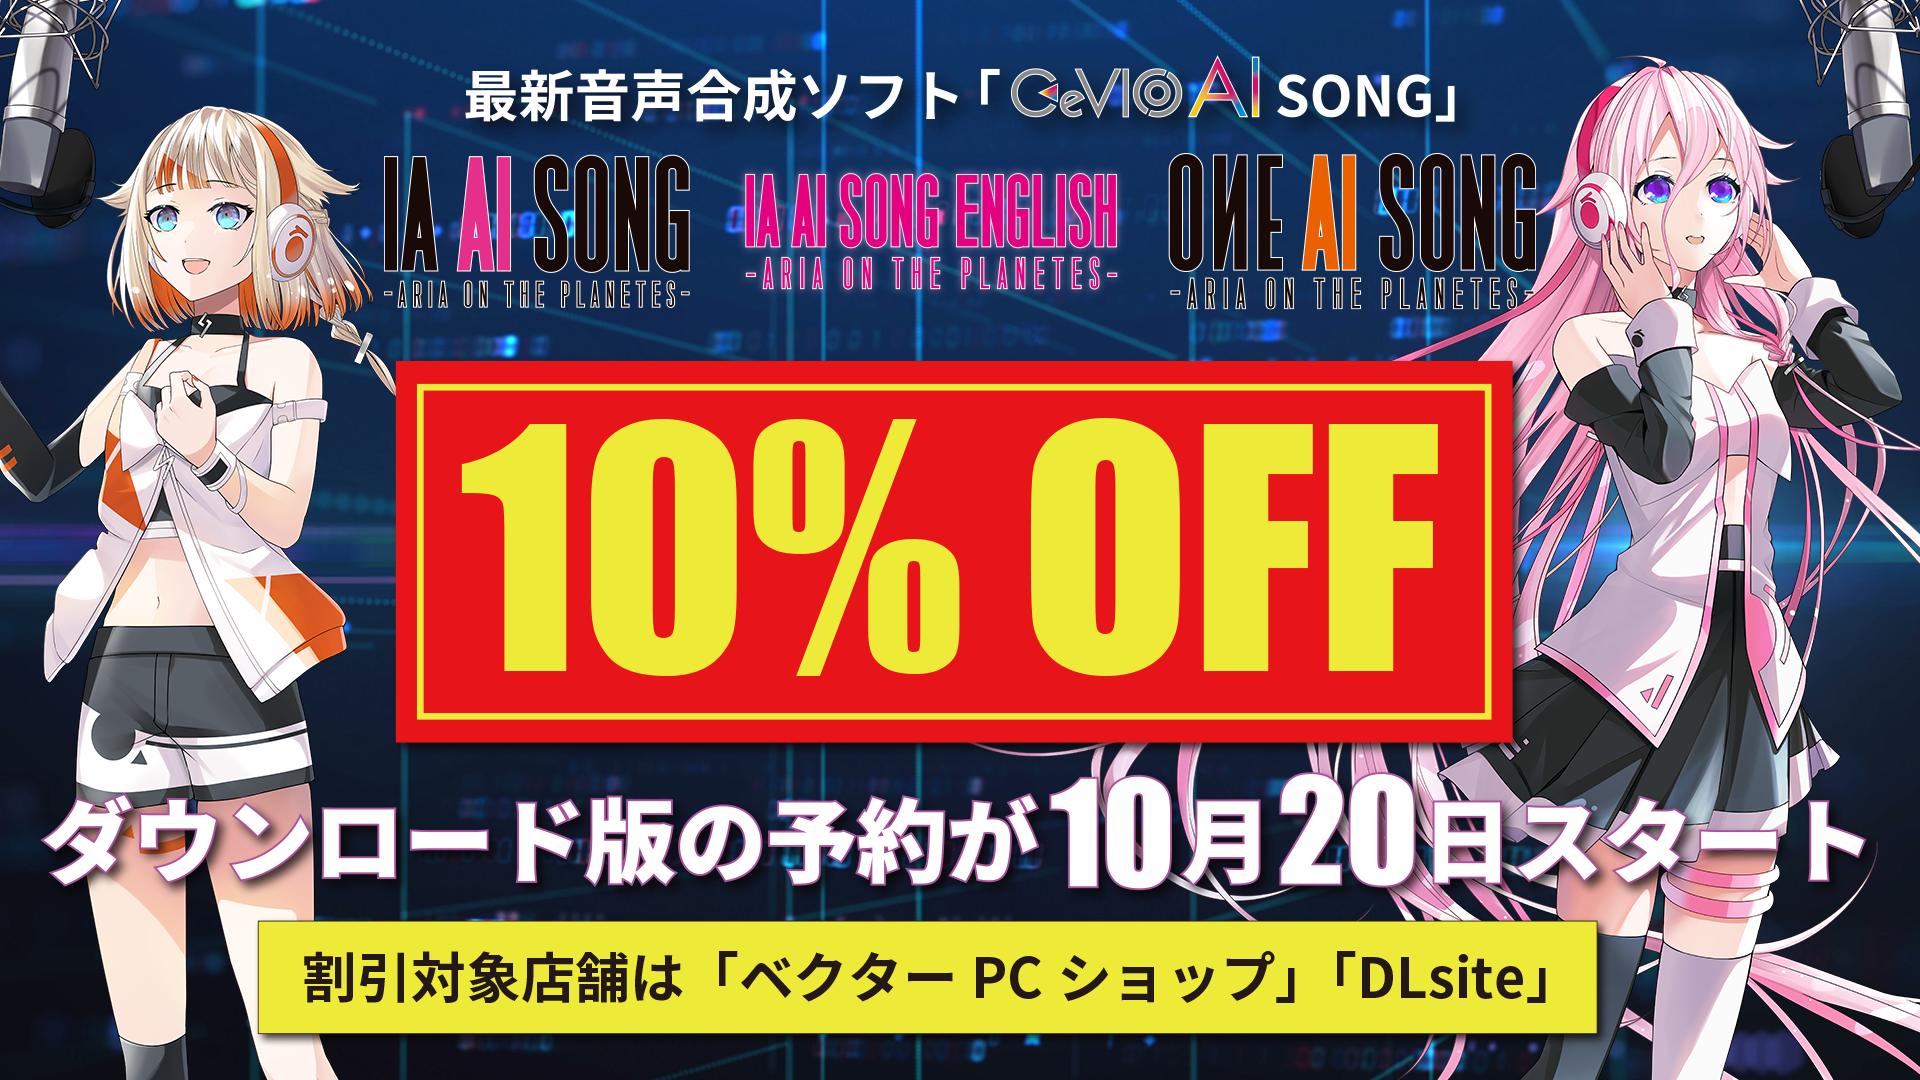 【10%OFF】明日10/20 AM10:00より「IA AI SONG日本語&英語」がDLsite、ベクターPCショップで予約受付が開始!